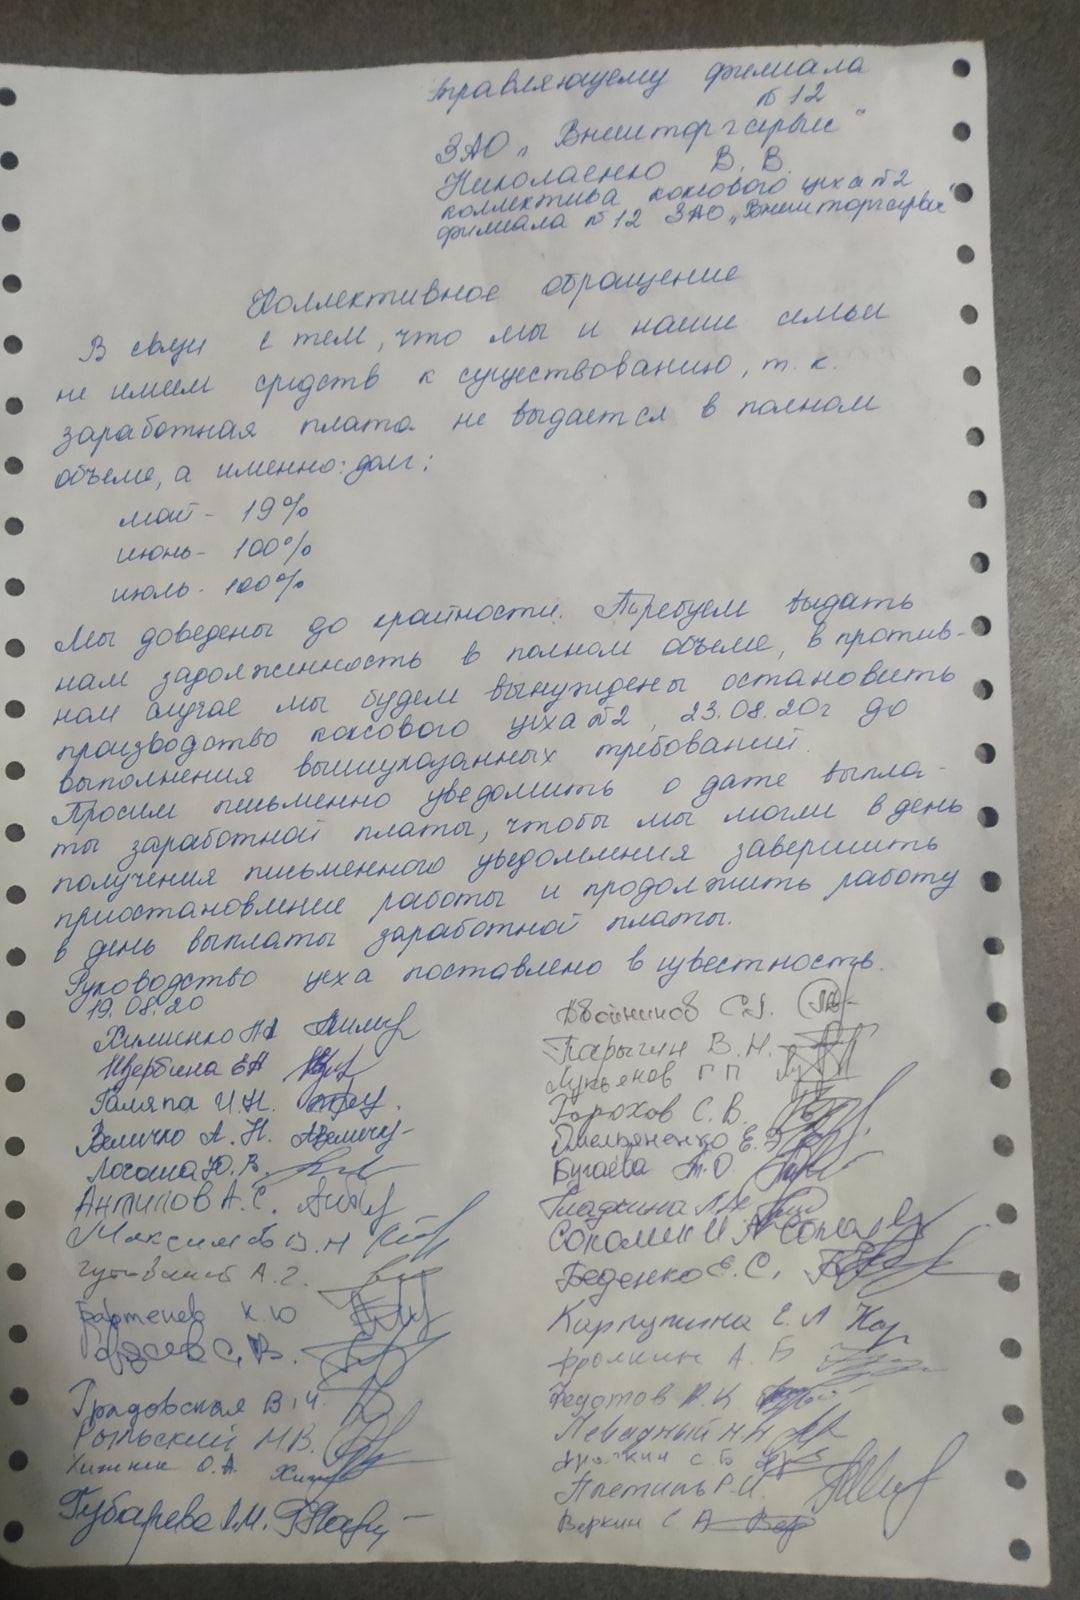 Алчевские рабочие пригрозили забастовкой из-за невыплаты зарплат. Долги есть по всем «республикам»